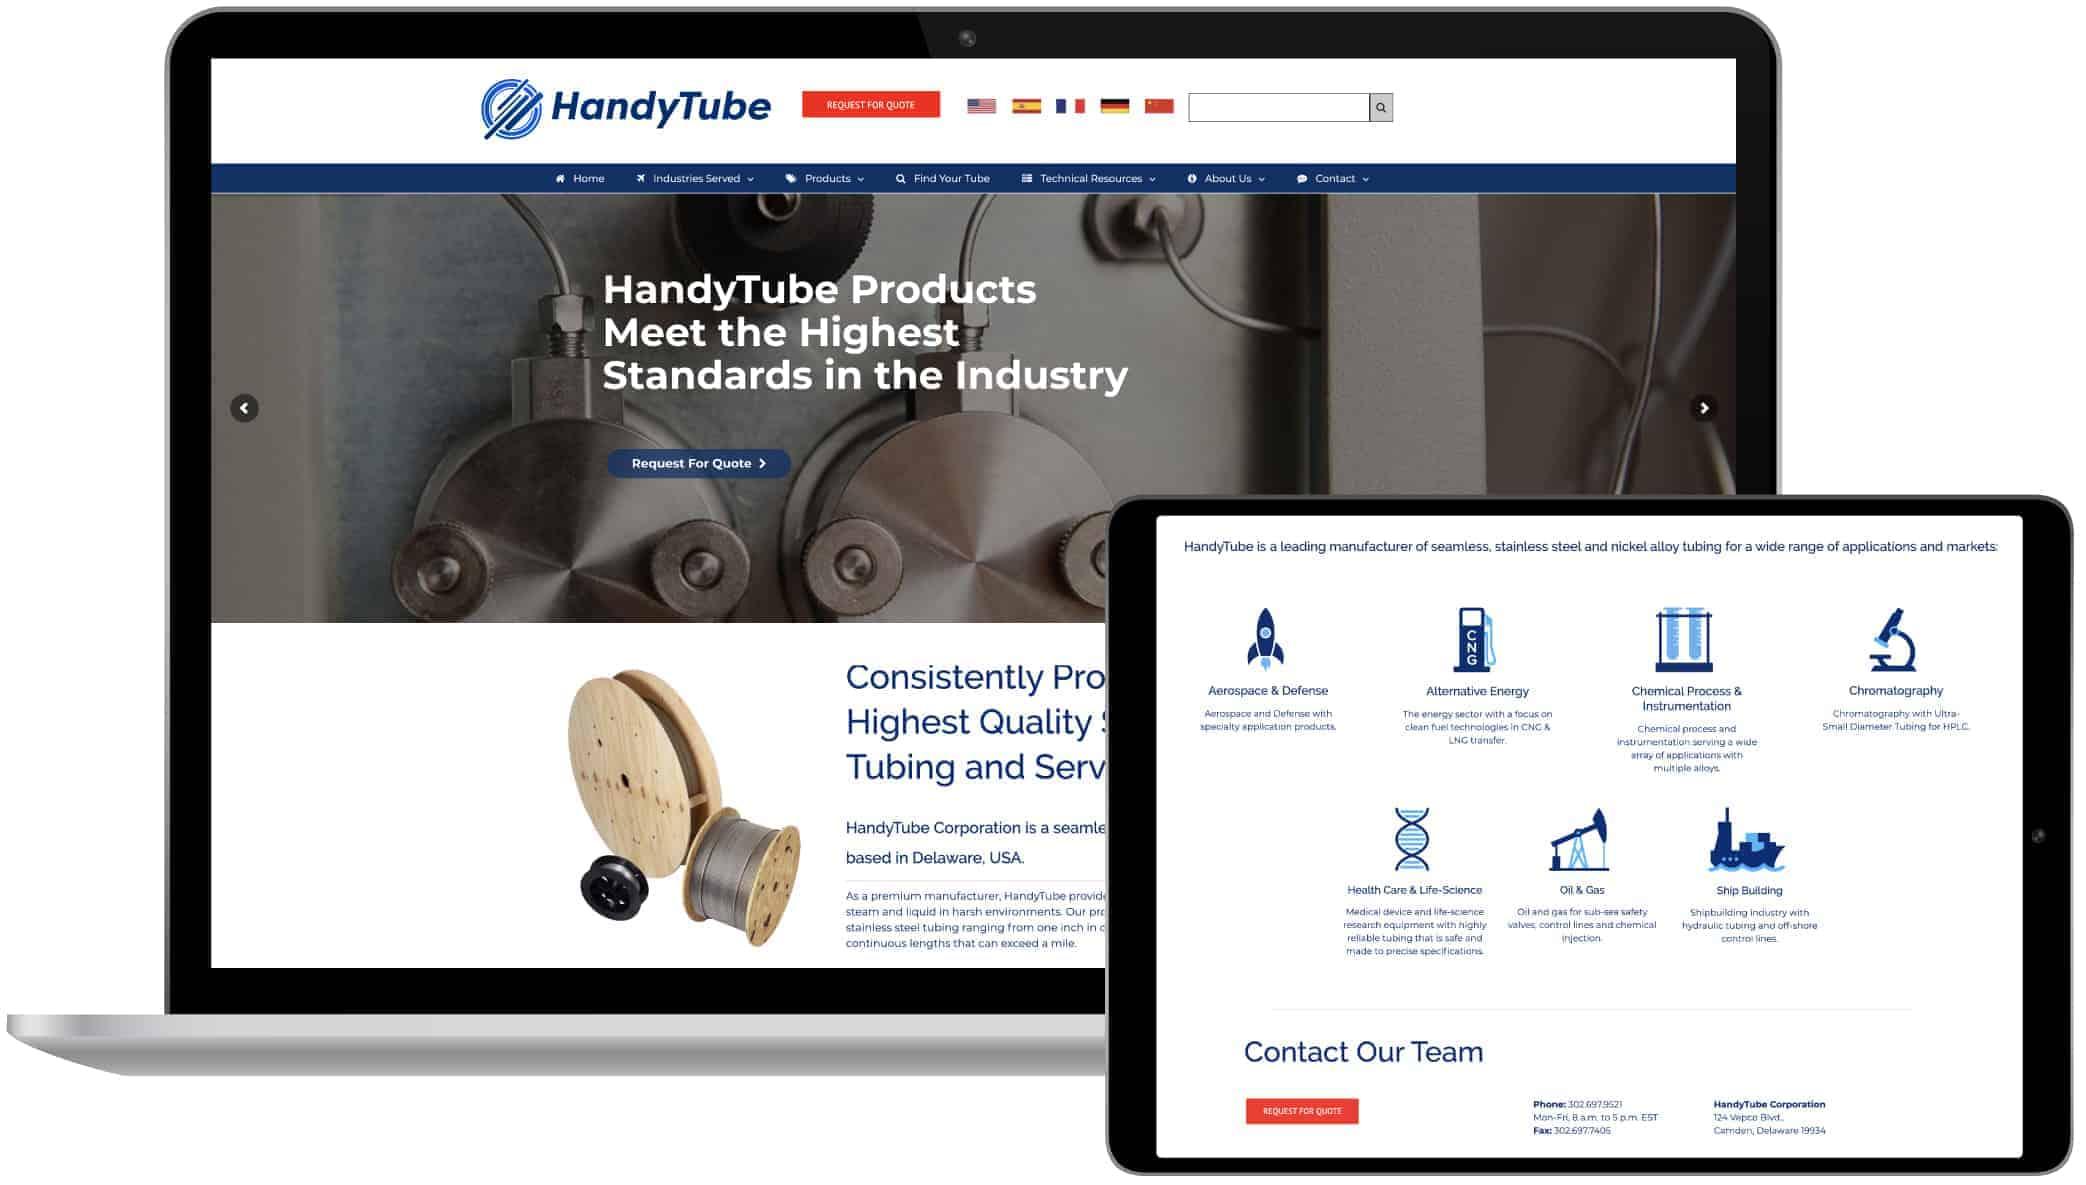 HandyTube Website Design